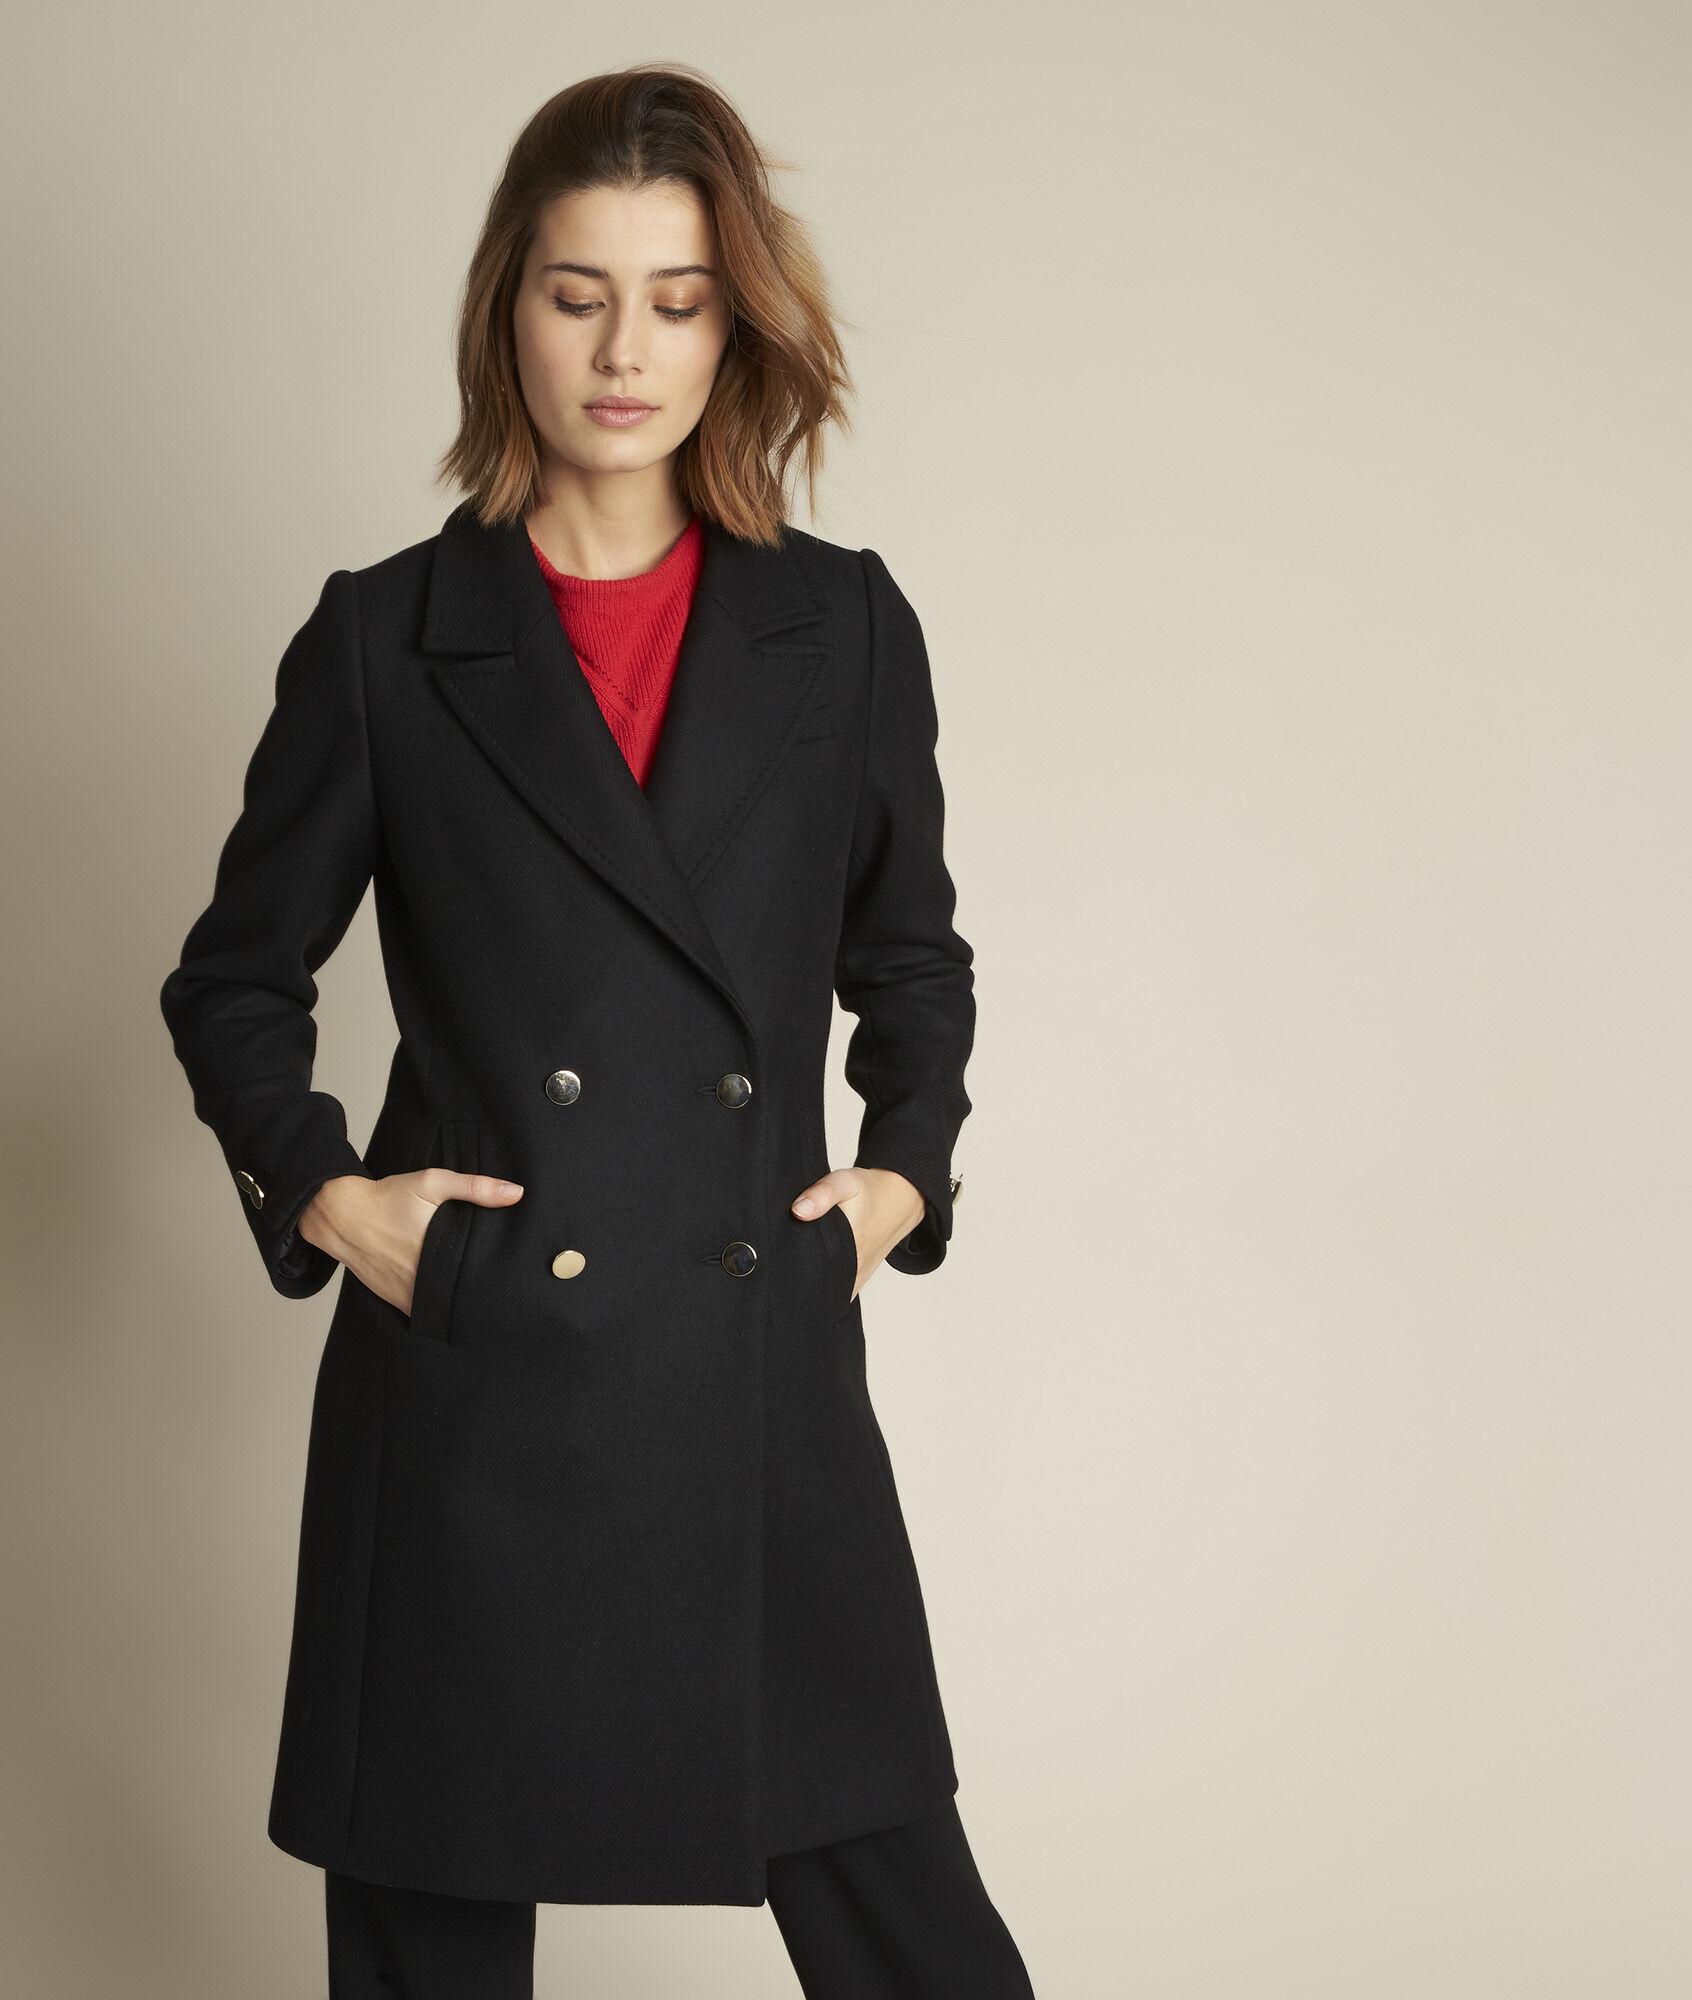 Manteau Maison 123 Femme : Nouvelle collection | Place des